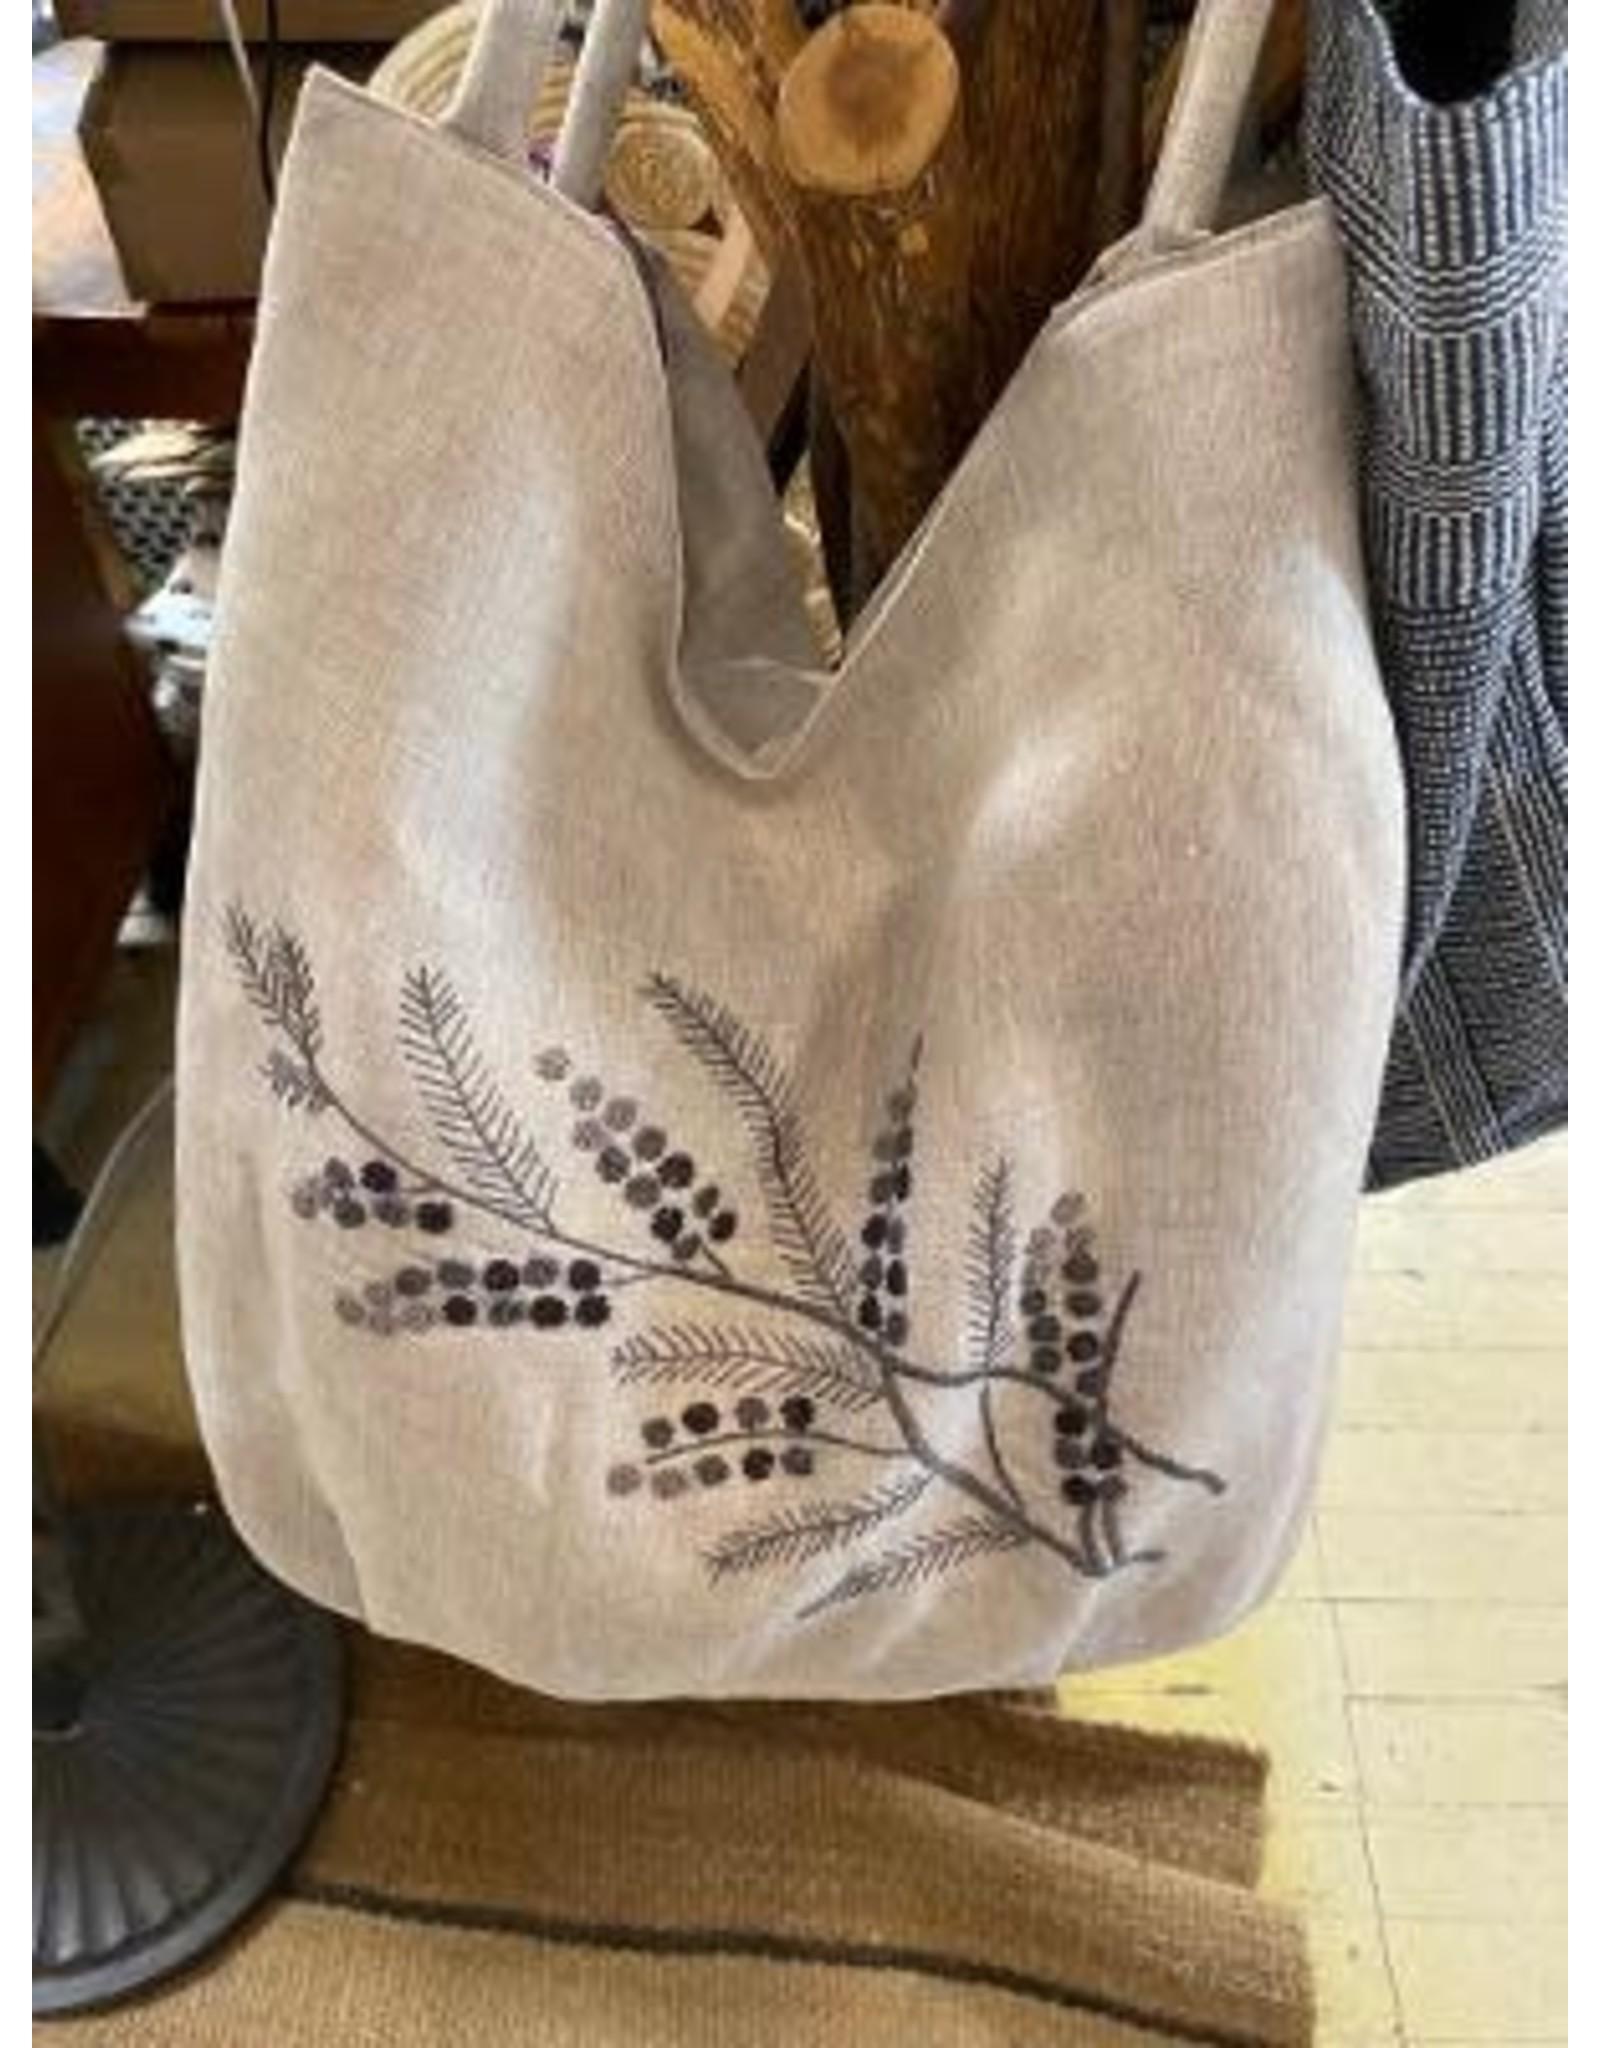 Natural Linen Shoulder Bag, Hand Embroidered Knots, Gray Floral